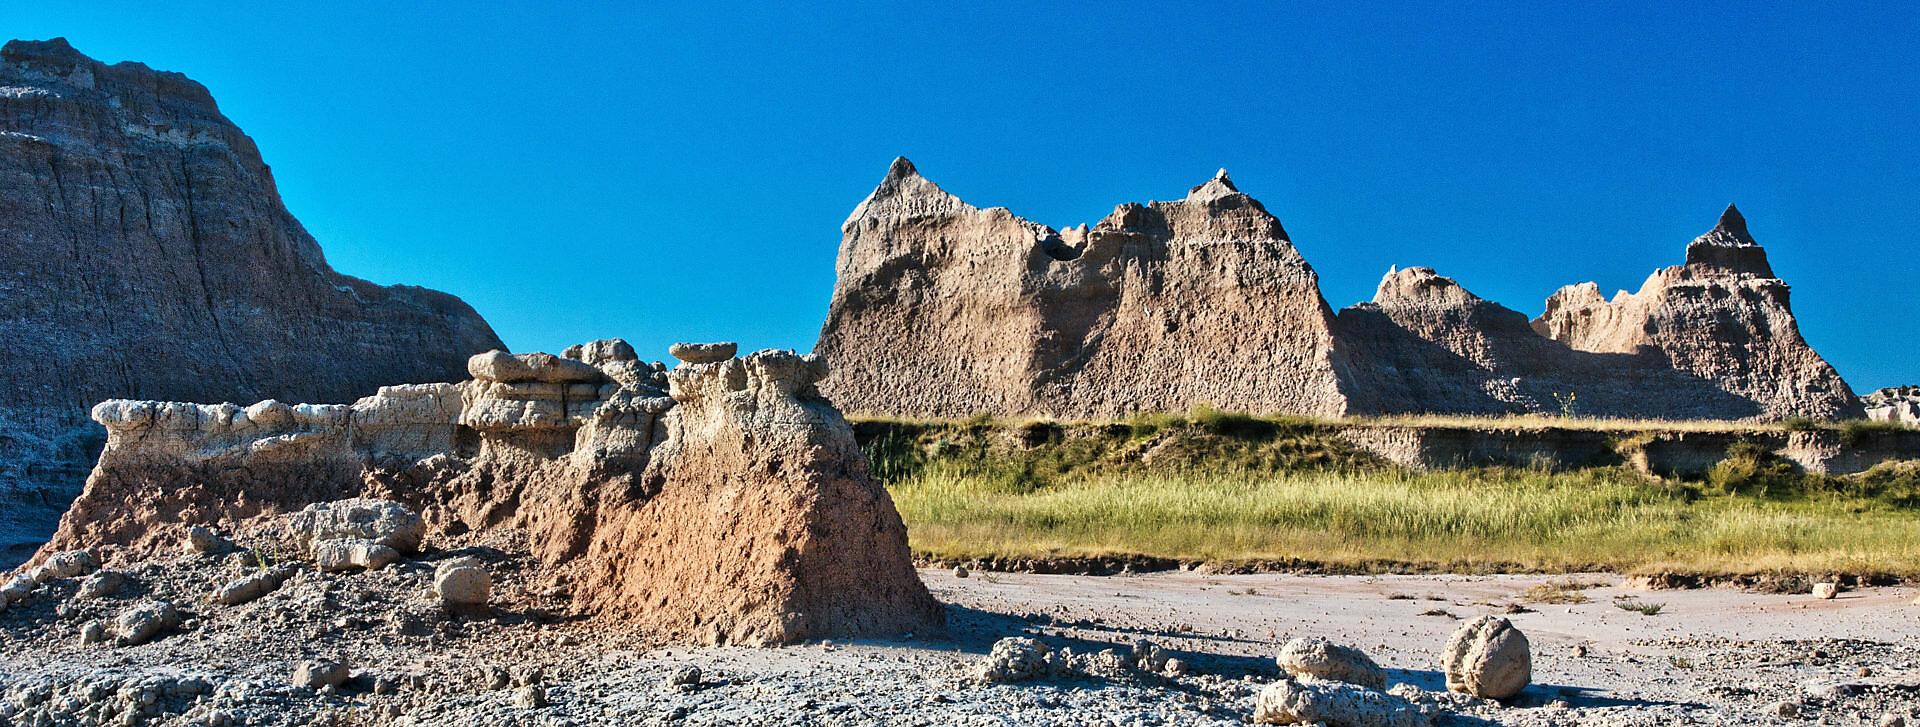 South Dakota, Badlands National Park, rock formation, plain